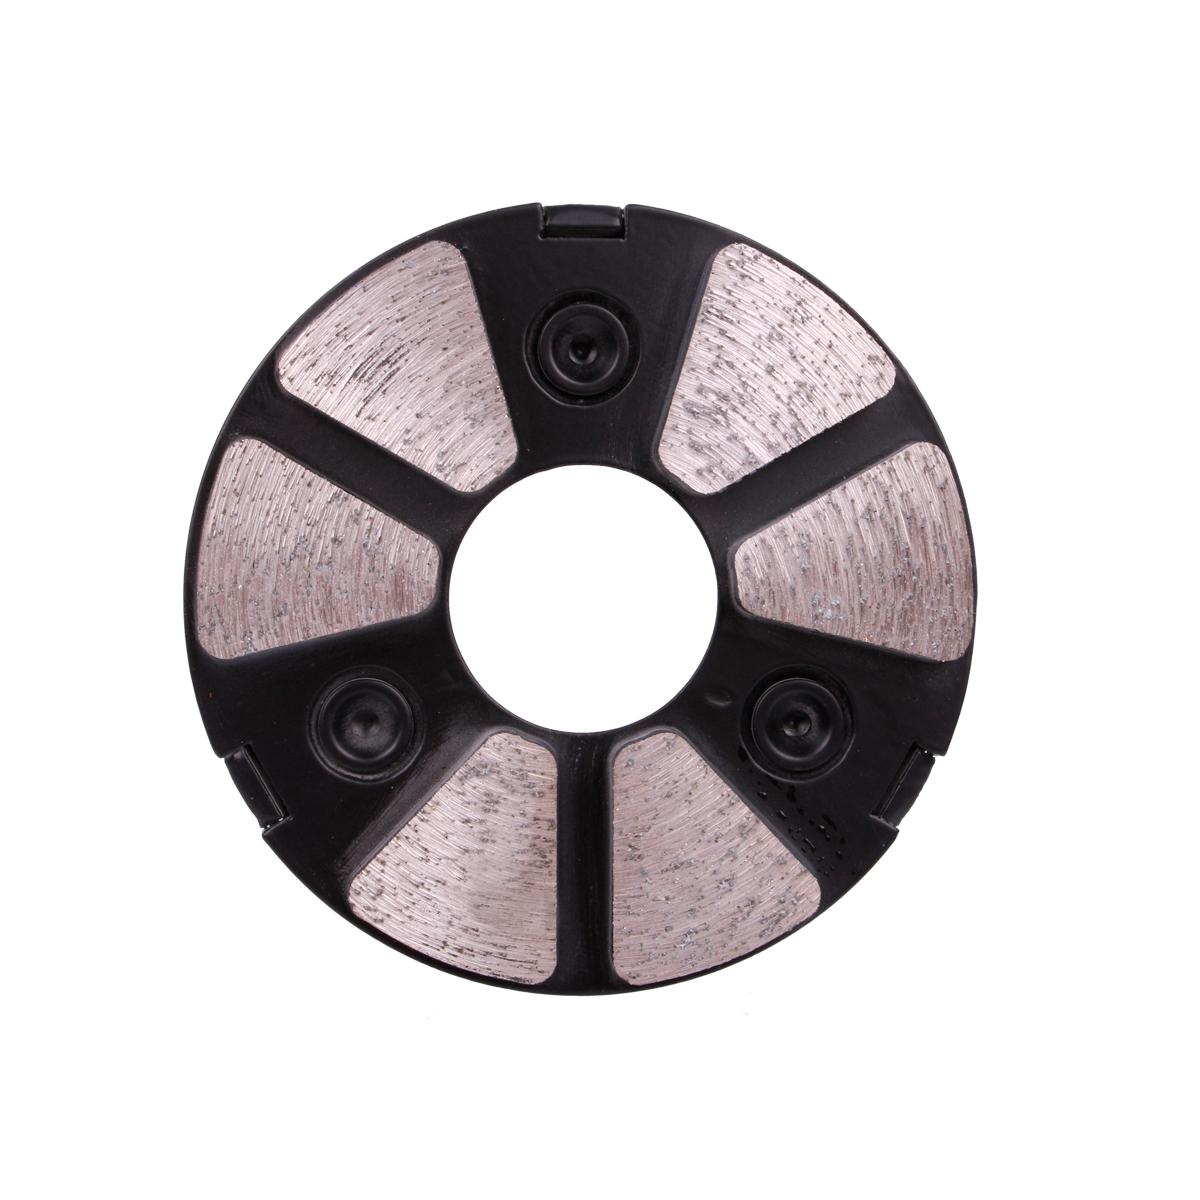 Фреза алмазна GS-S 95 / МШМ-6 №0 Baumesser Beton Pro